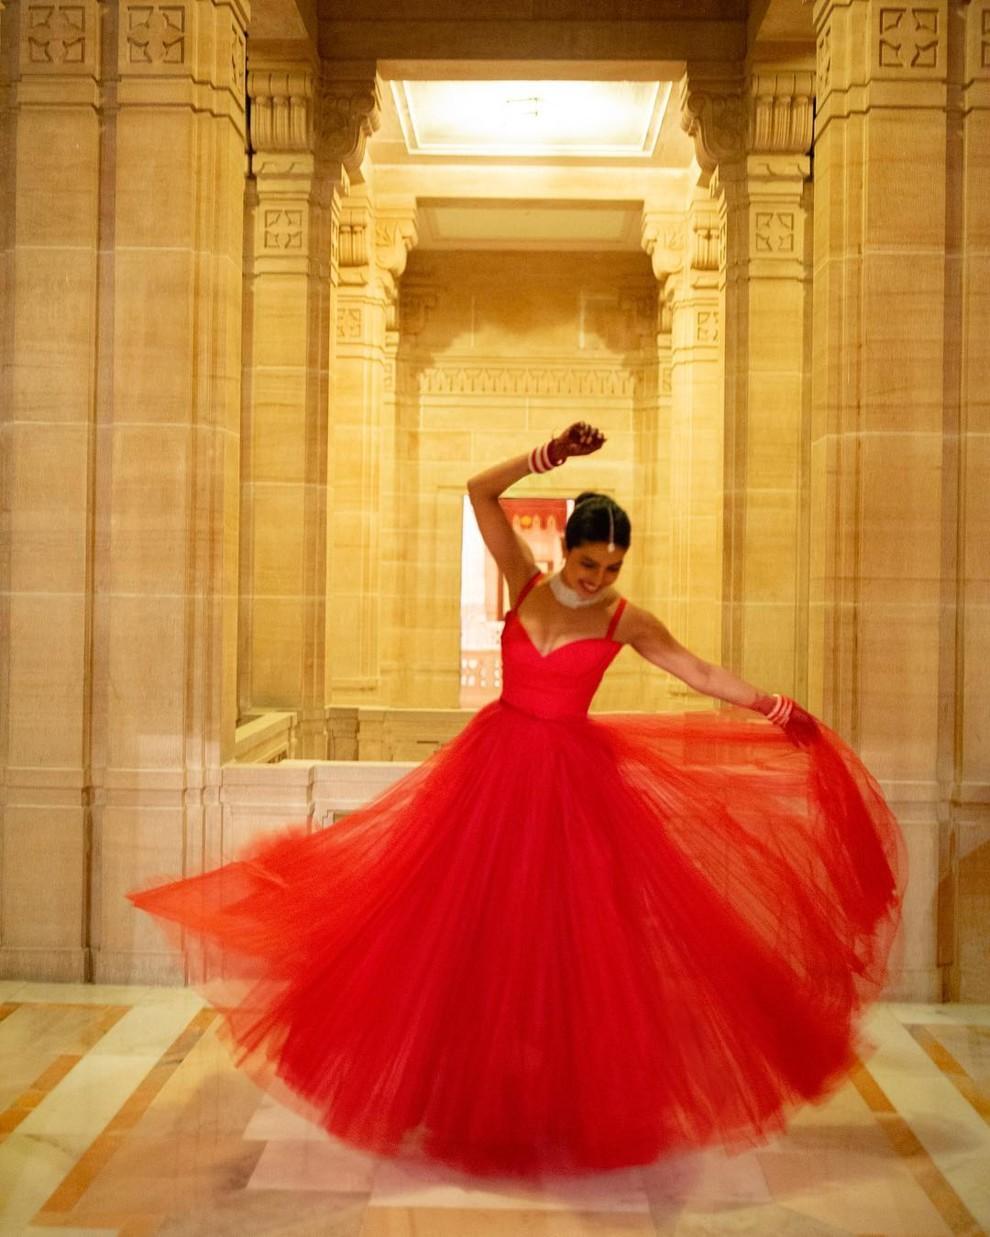 5c267e25c4516 - Еще одно свадебное платье Приянки Чопры